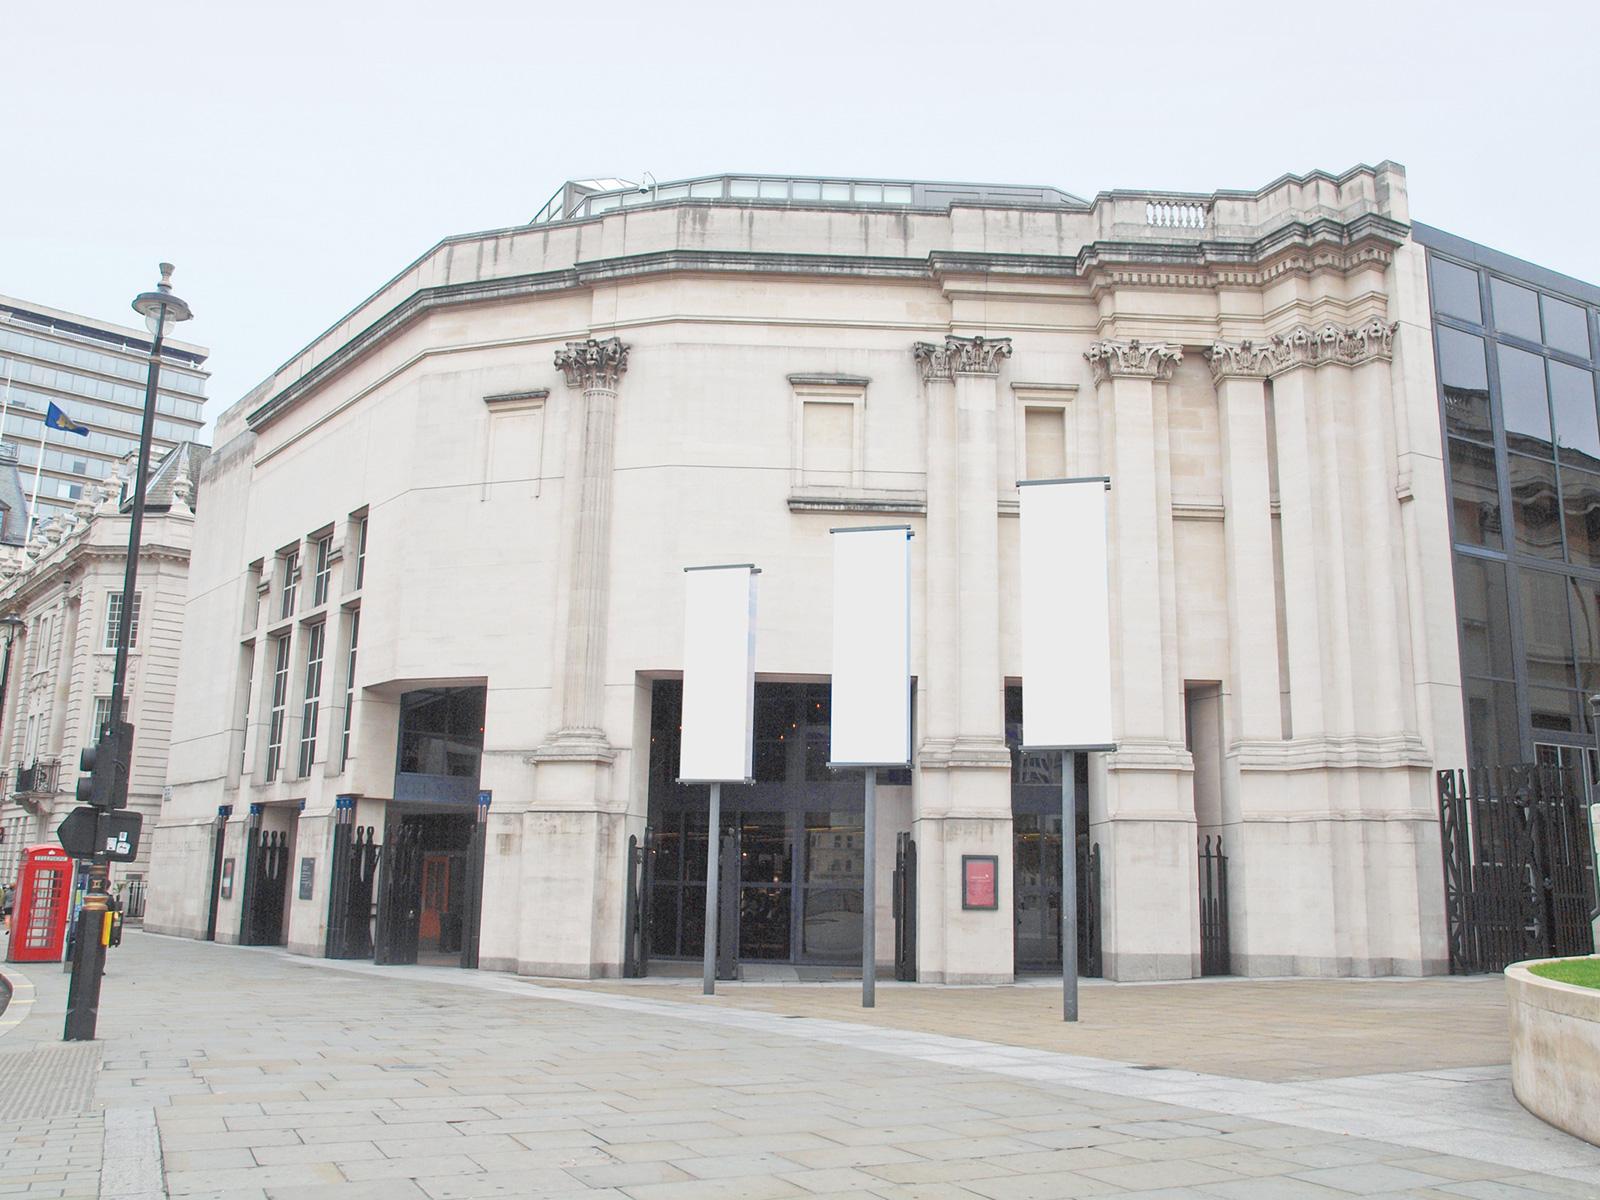 1991, Londýn, Spojené kráľovstvo VSBA navrhli rozšírenie londýnskej Národnej galérie na prelome 90. rokov. Na fasádu vybrali rovnaký vápenec ako William Wilkins vroku 1838, ale radšej, ako napodobňovať aj pôvodnú konštrukciu, nové krídlo kopíruje tvar ulice. Na prízemí budovu ešte viac otvorili návštevníkom azvnútra ponúkajú pohľady na celé námestie Trafalgar Square.